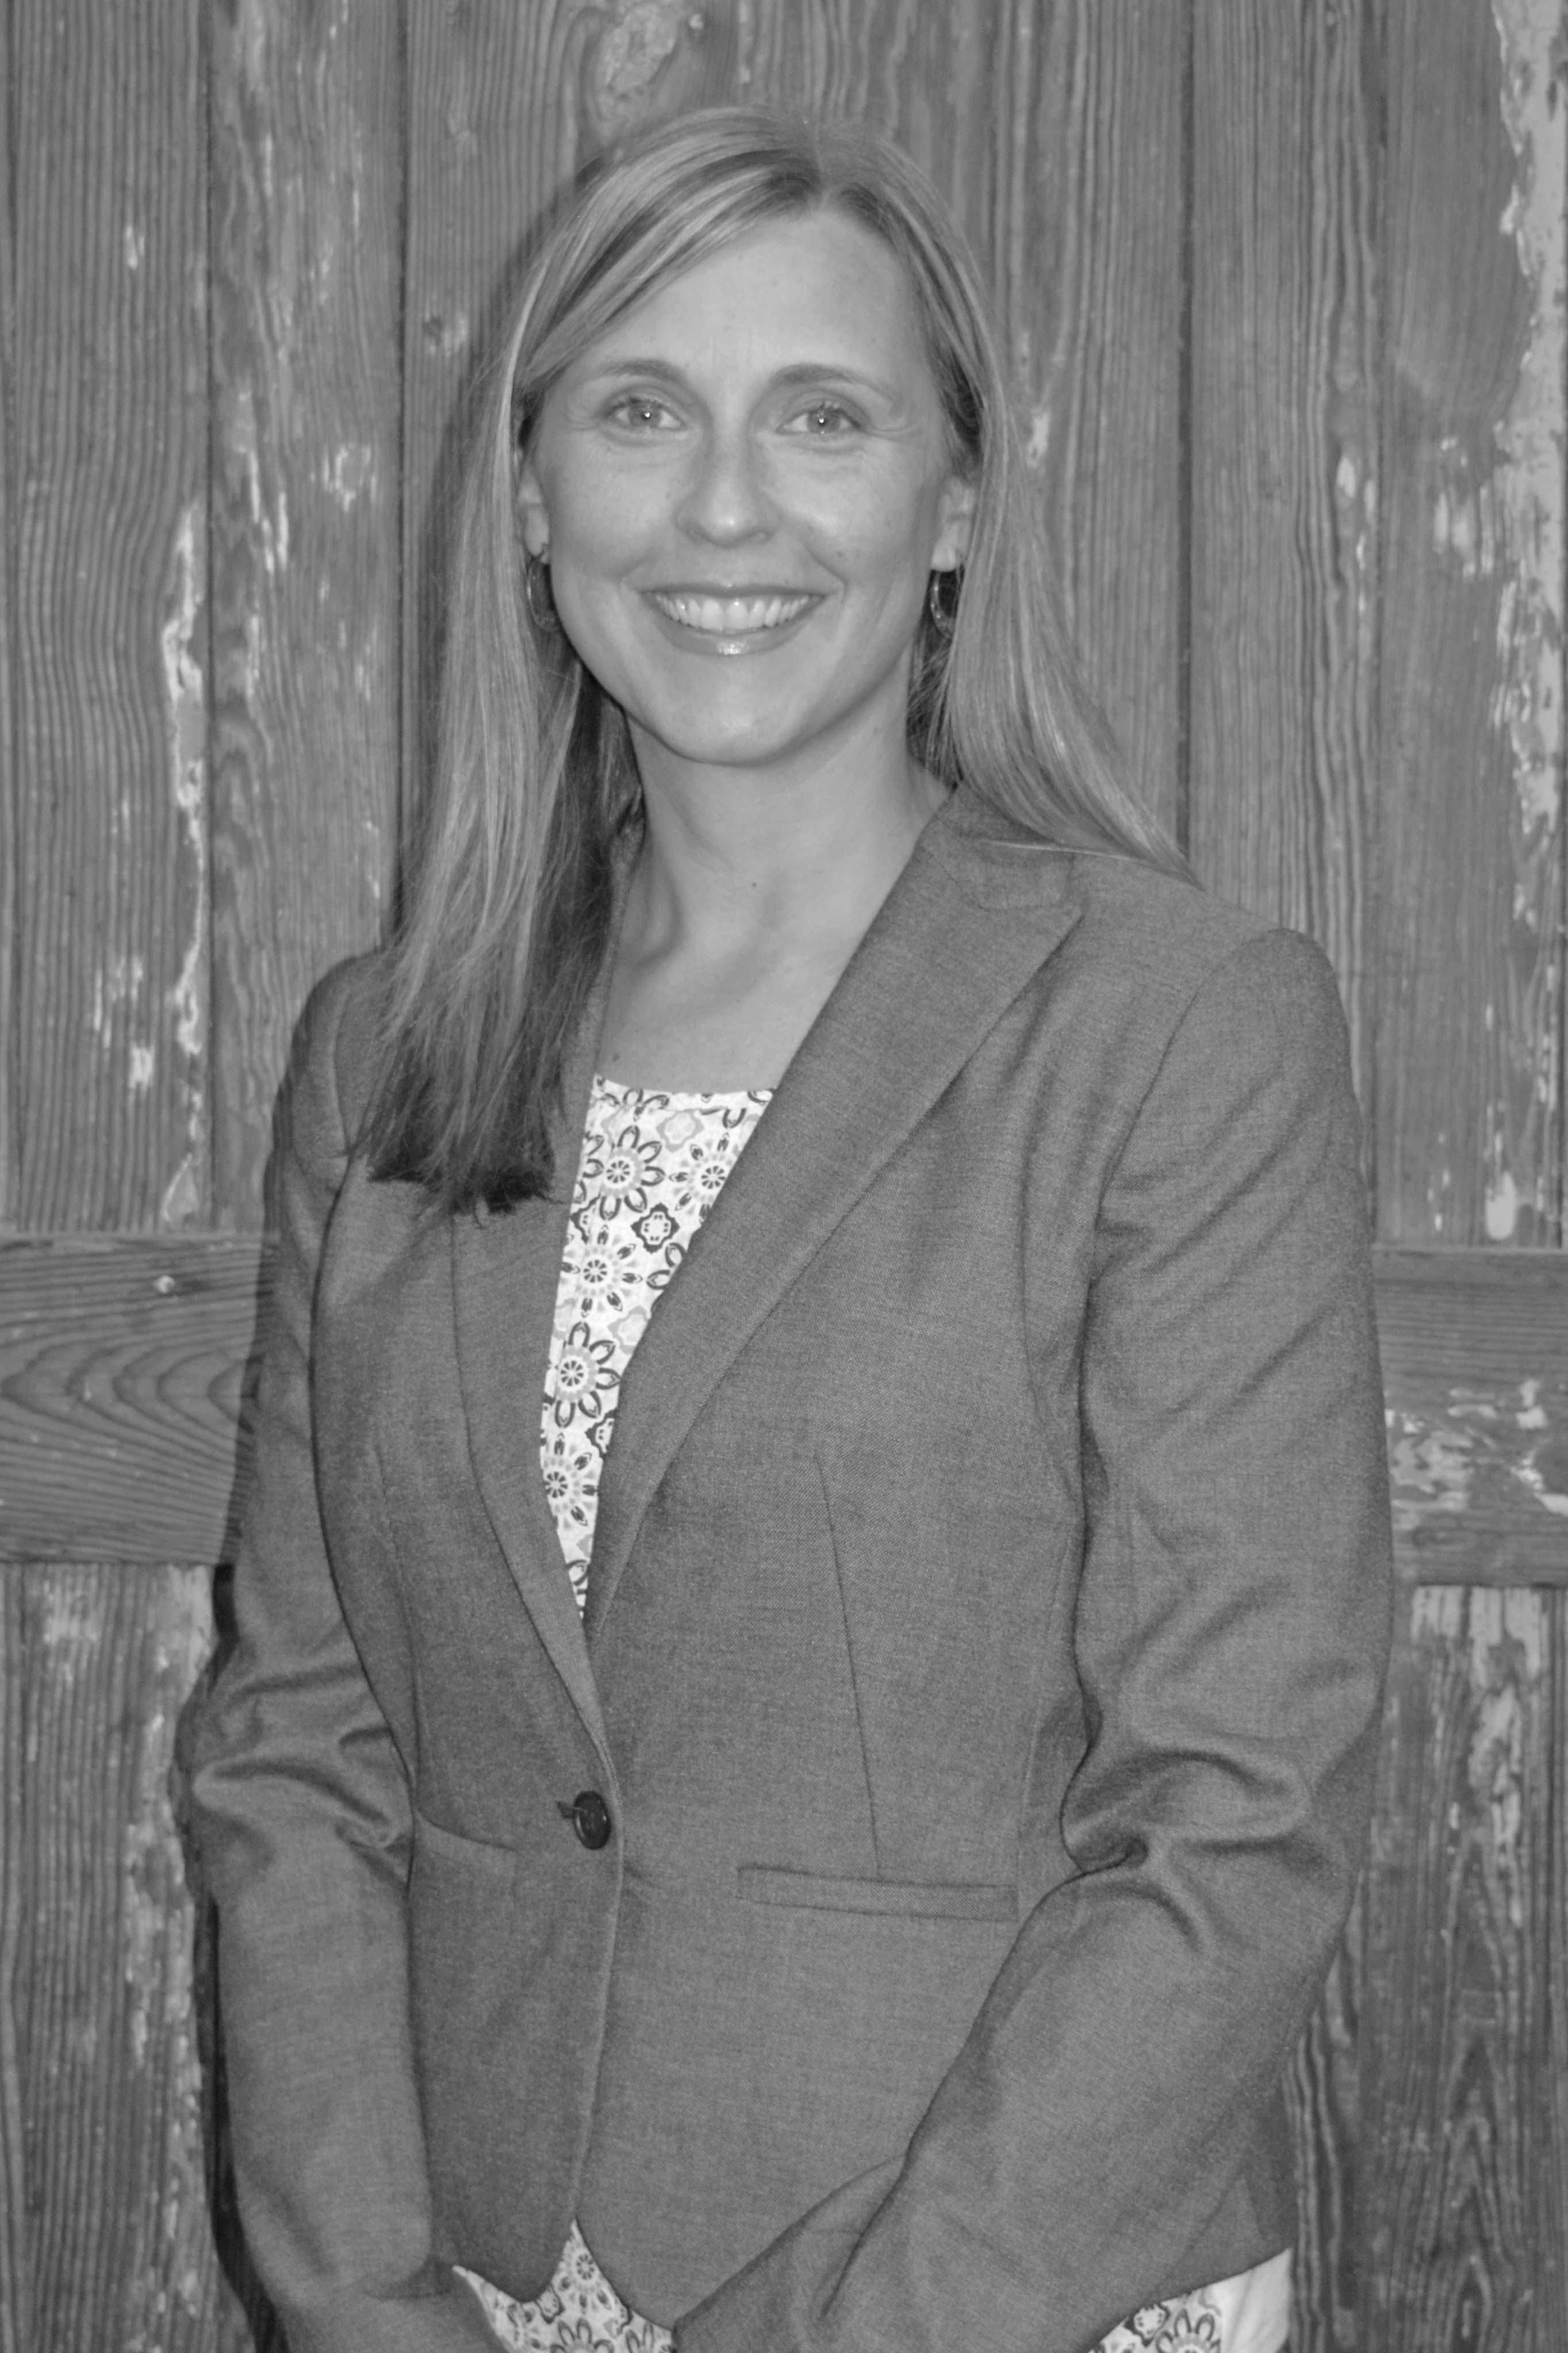 Sarah Burson